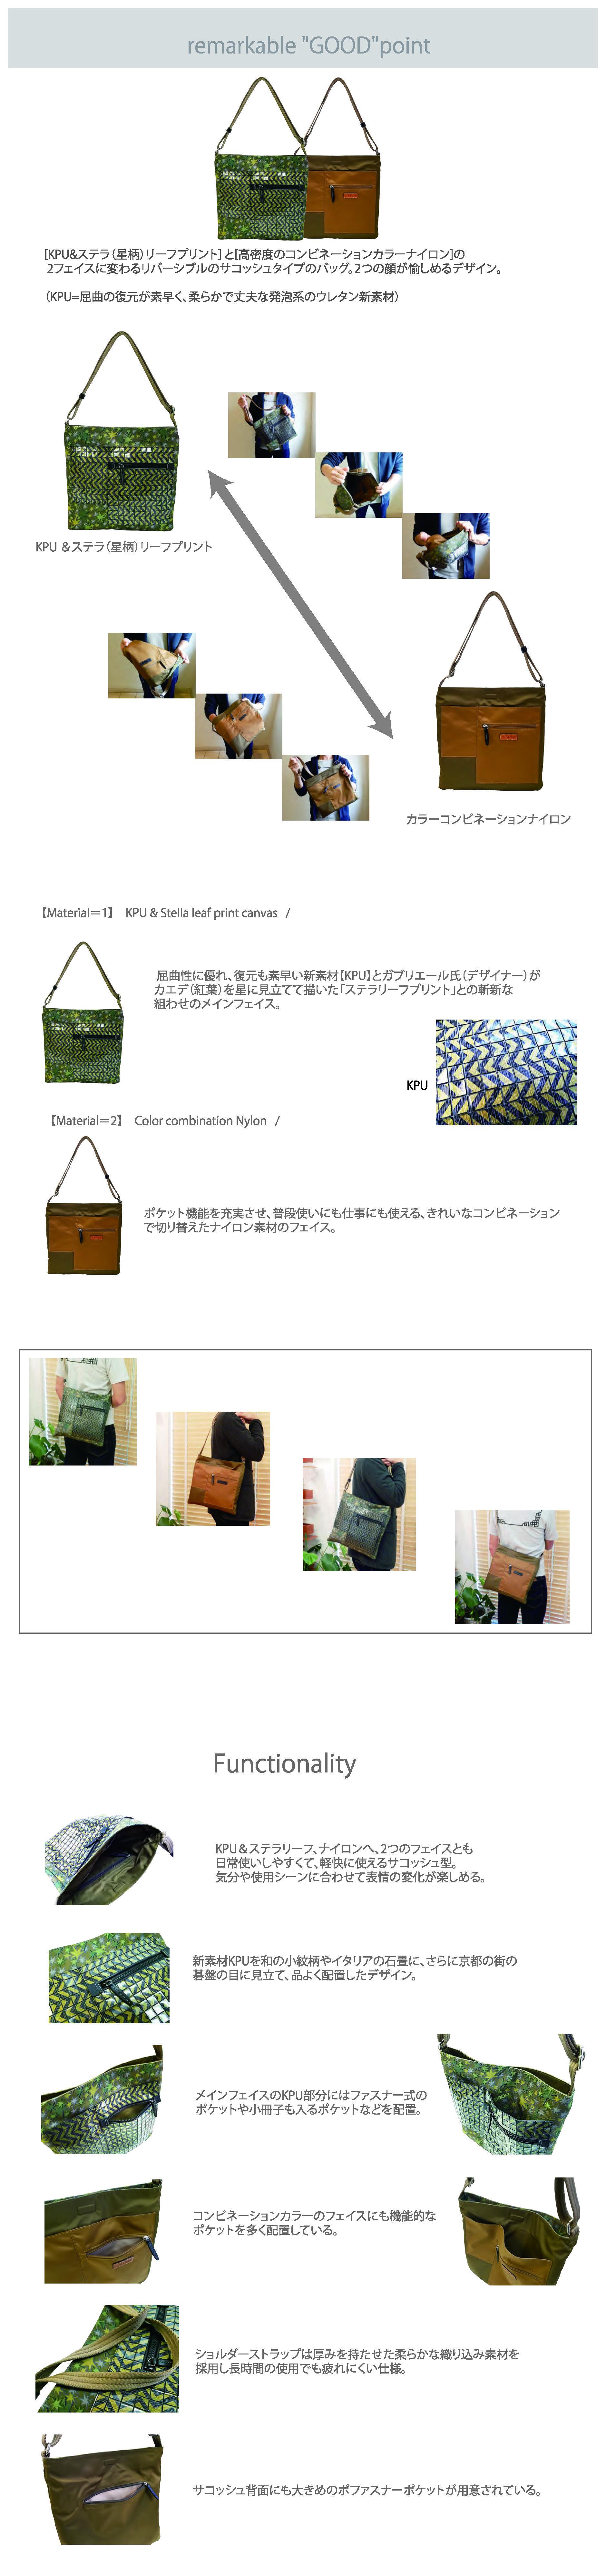 72582-misto sacoche-green